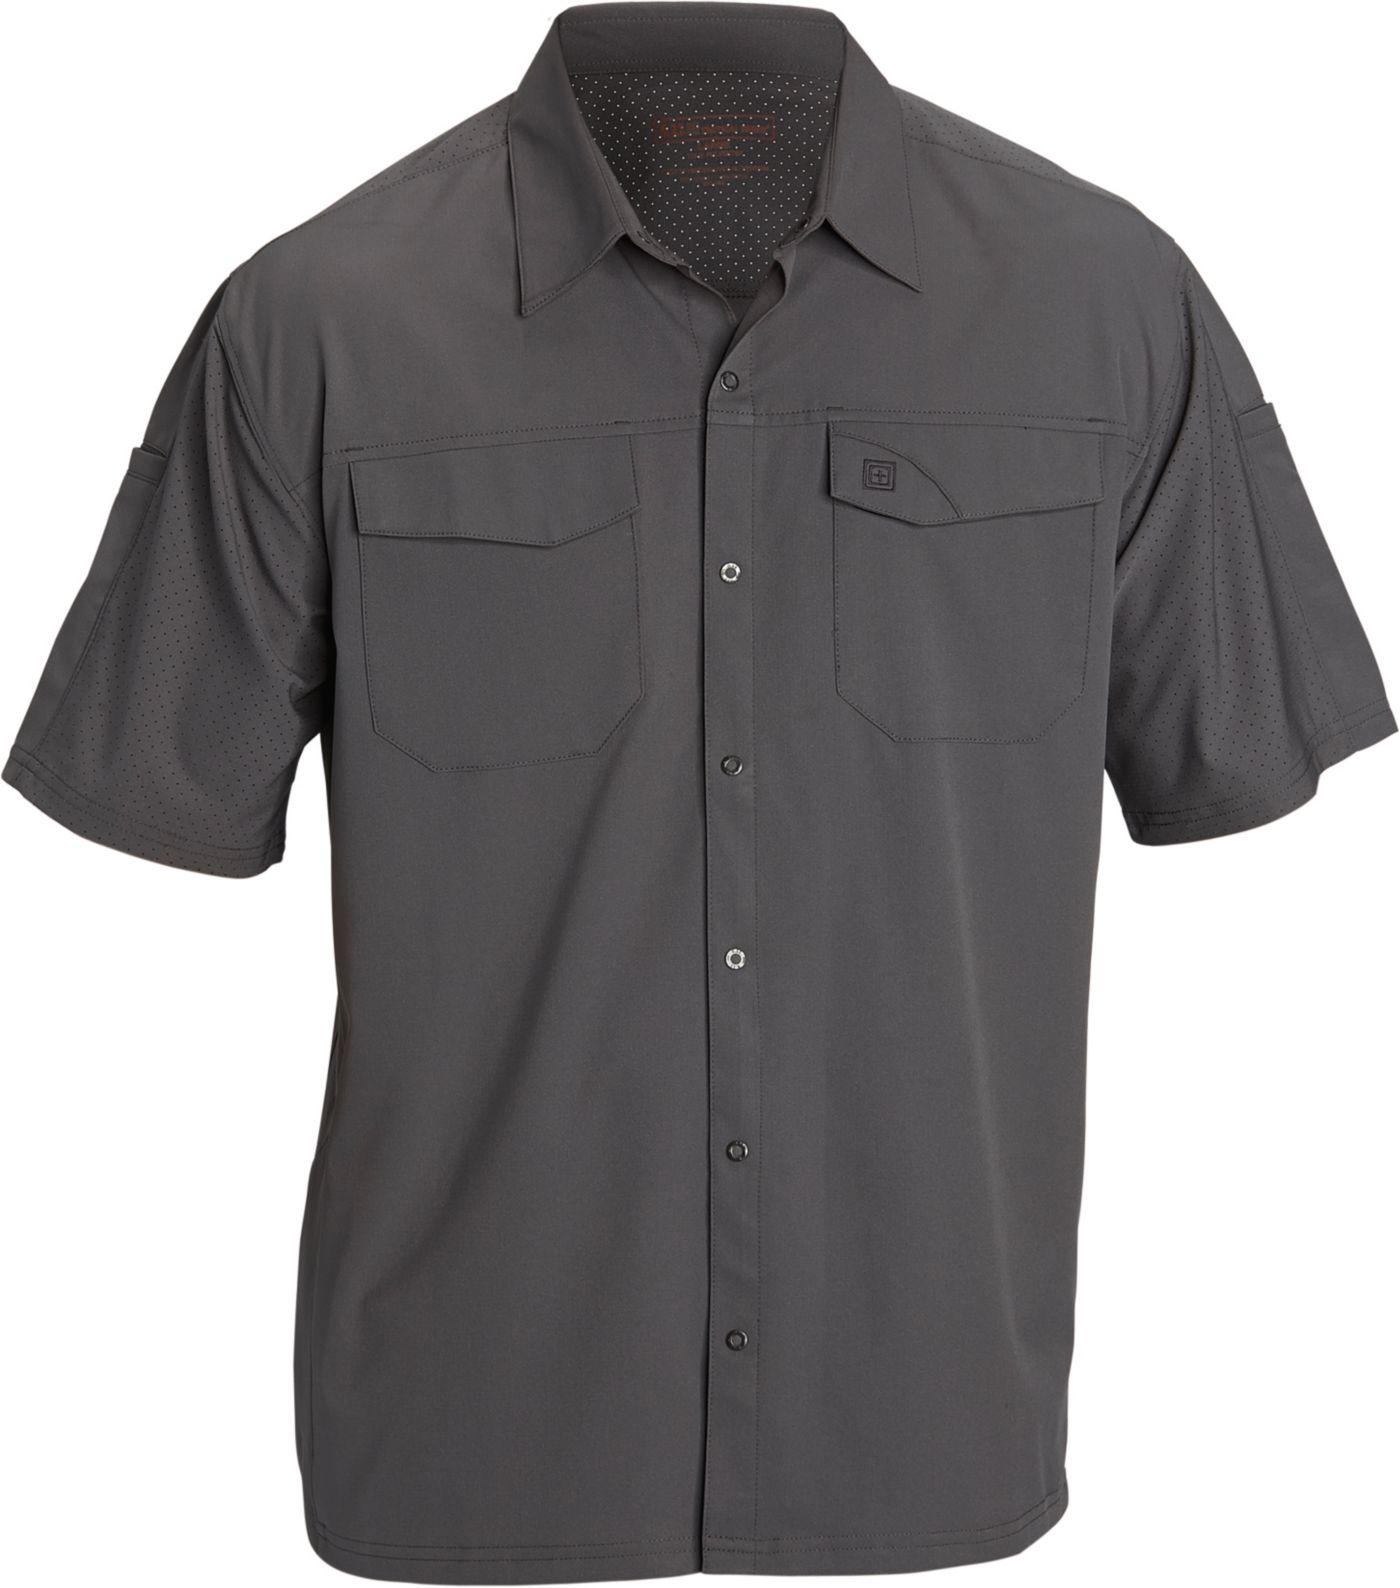 5.11 Tactical Men's Freedom Flex Woven Shirt